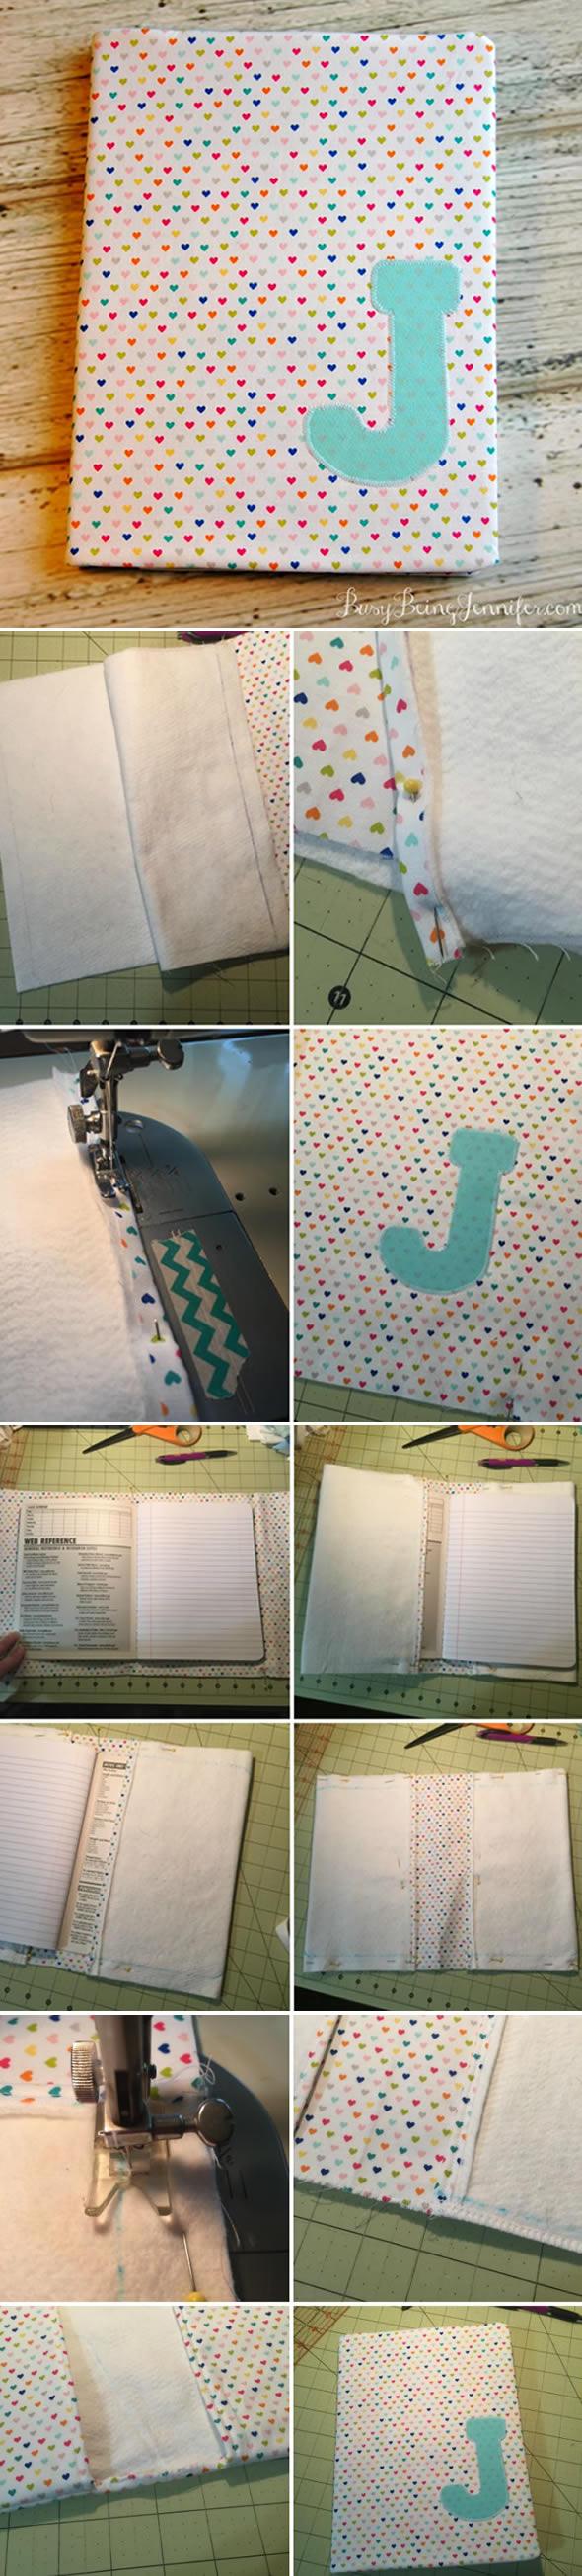 Como fazer Capa de Tecido para Caderno passo a passo